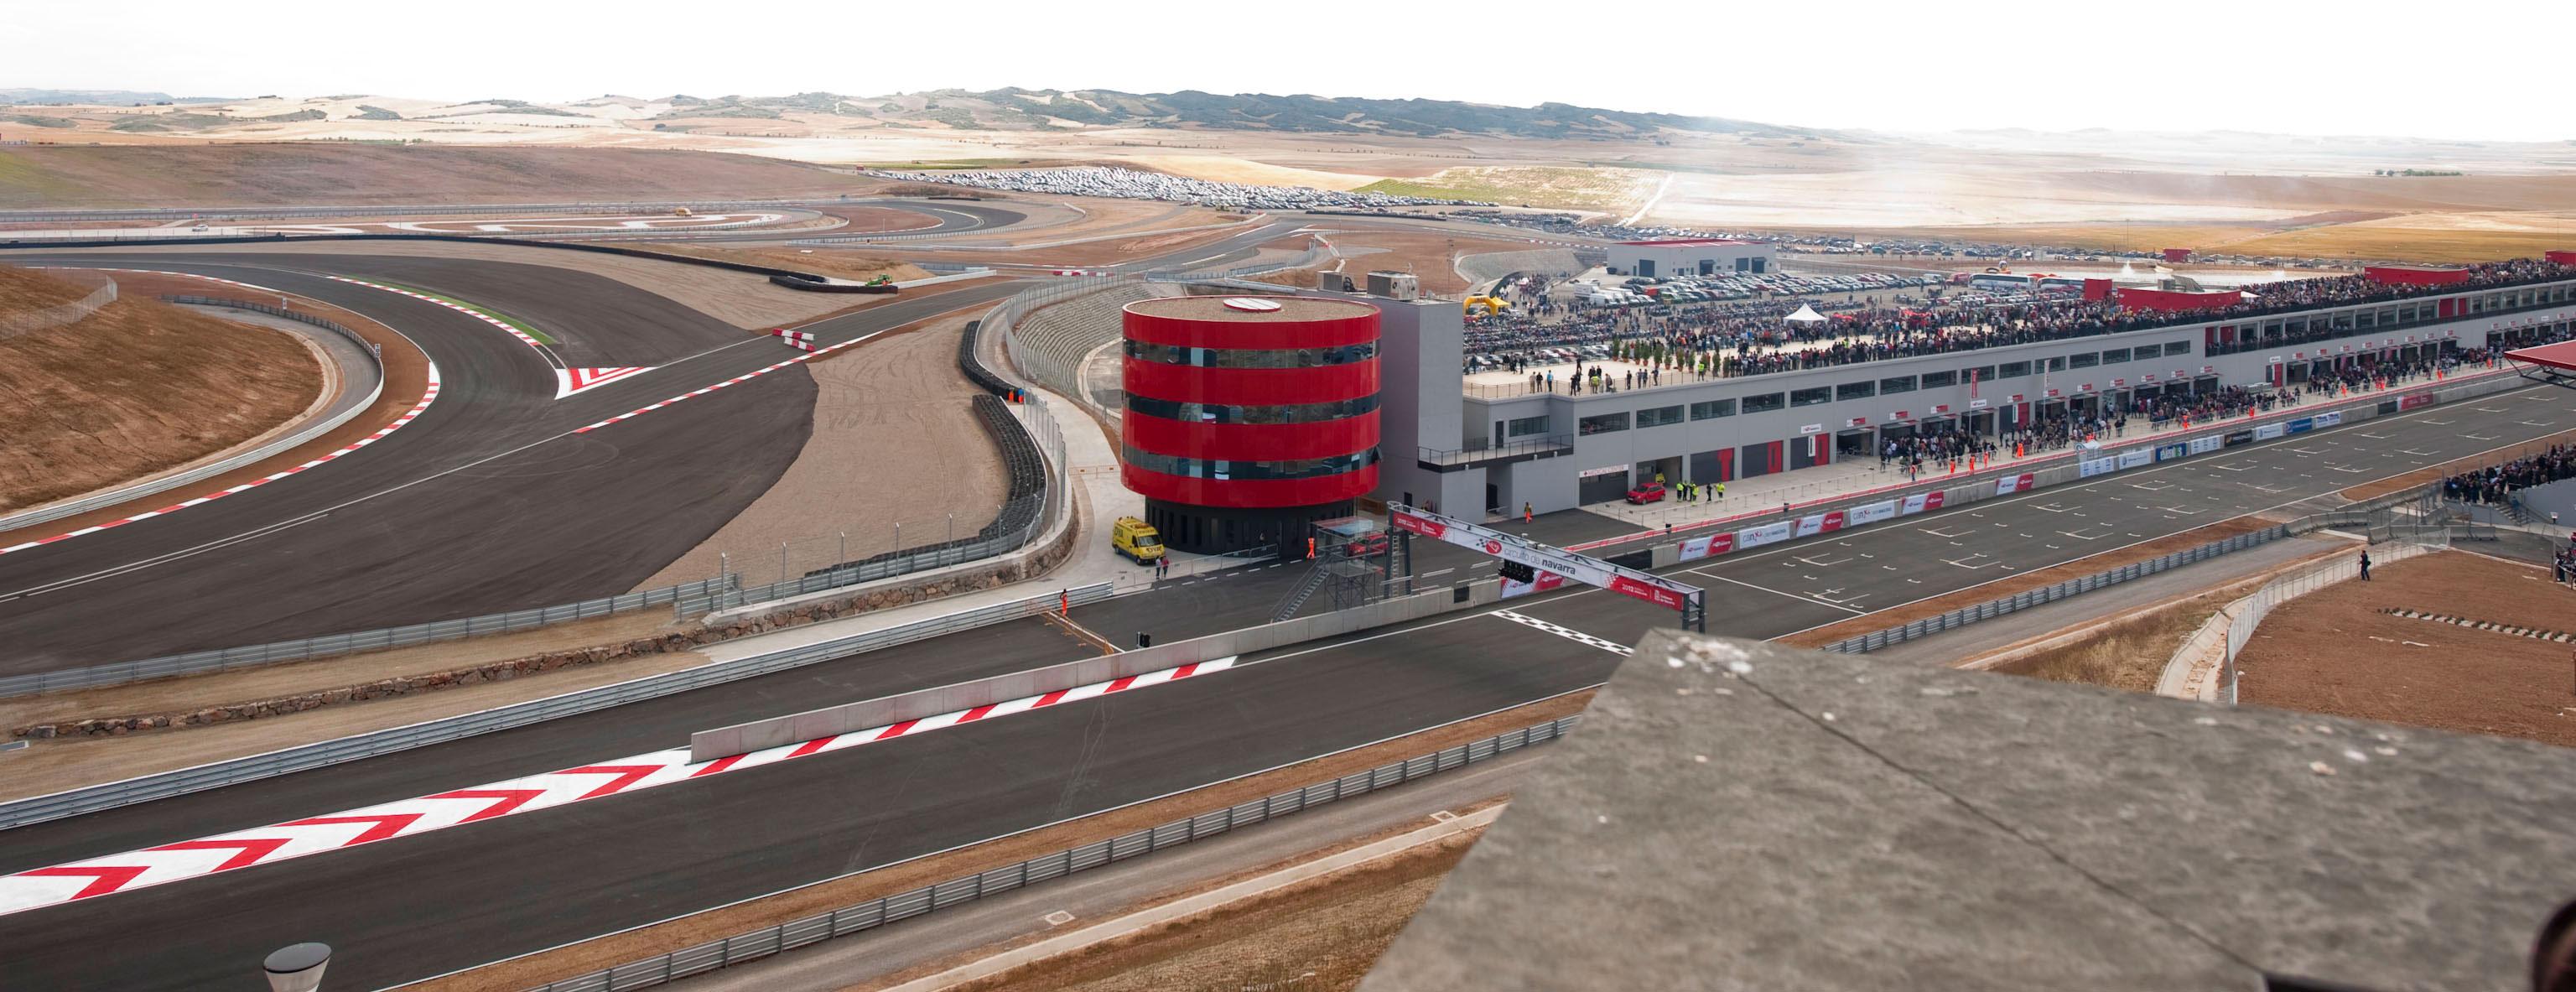 Circuito Los Arcos : El circuito de los arcos acoge la quinta prueba del cev